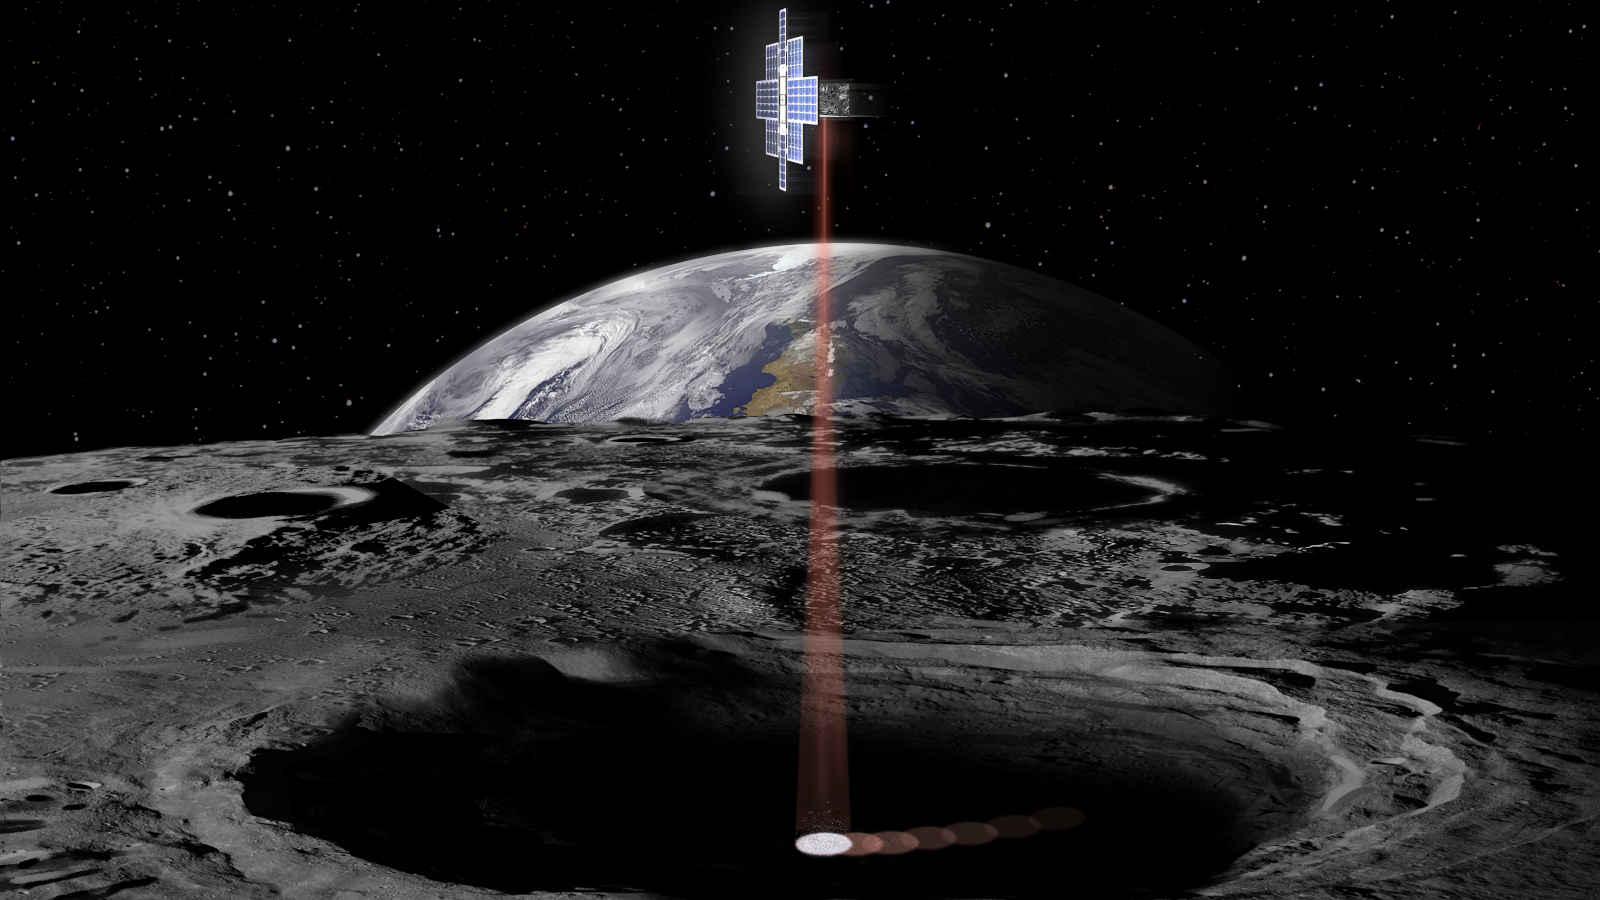 C3 Geología y minería espacial: Recursos de la Luna y asteroides